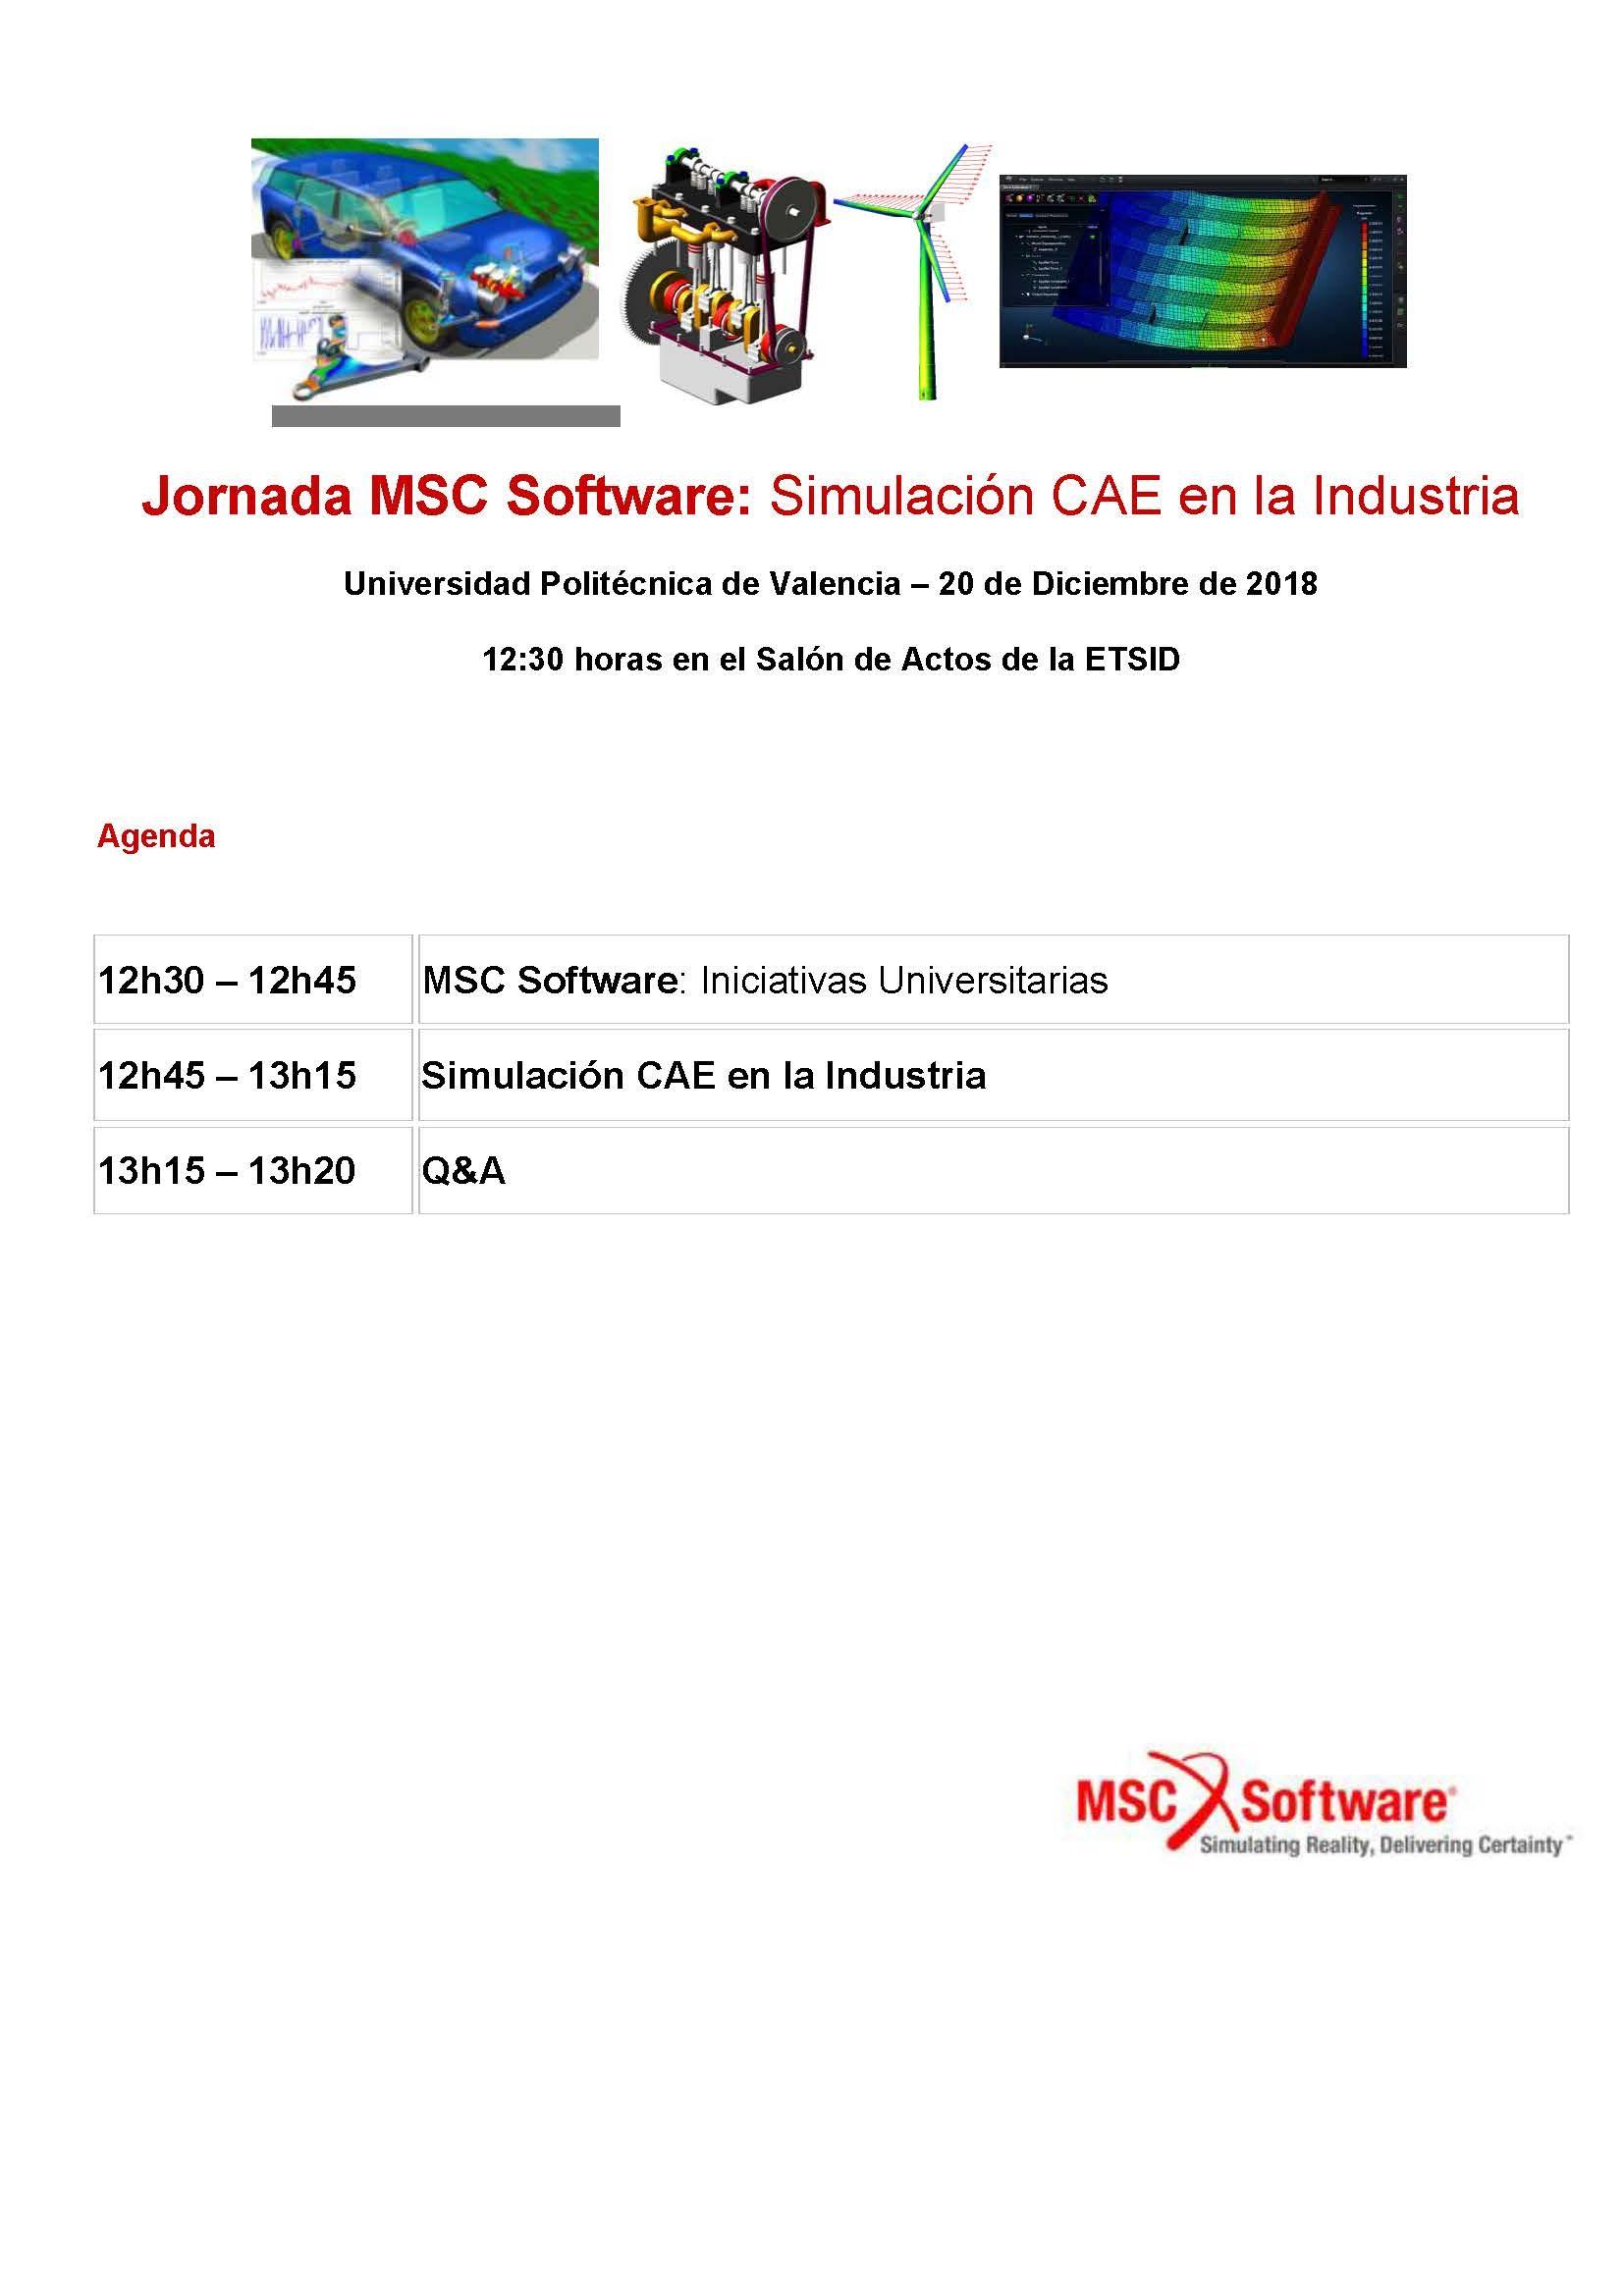 Calendario Escolar 2019 Ayuntamiento Valencia Más Recientes Etsid Of Calendario Escolar 2019 Ayuntamiento Valencia Más Recientes Etsid